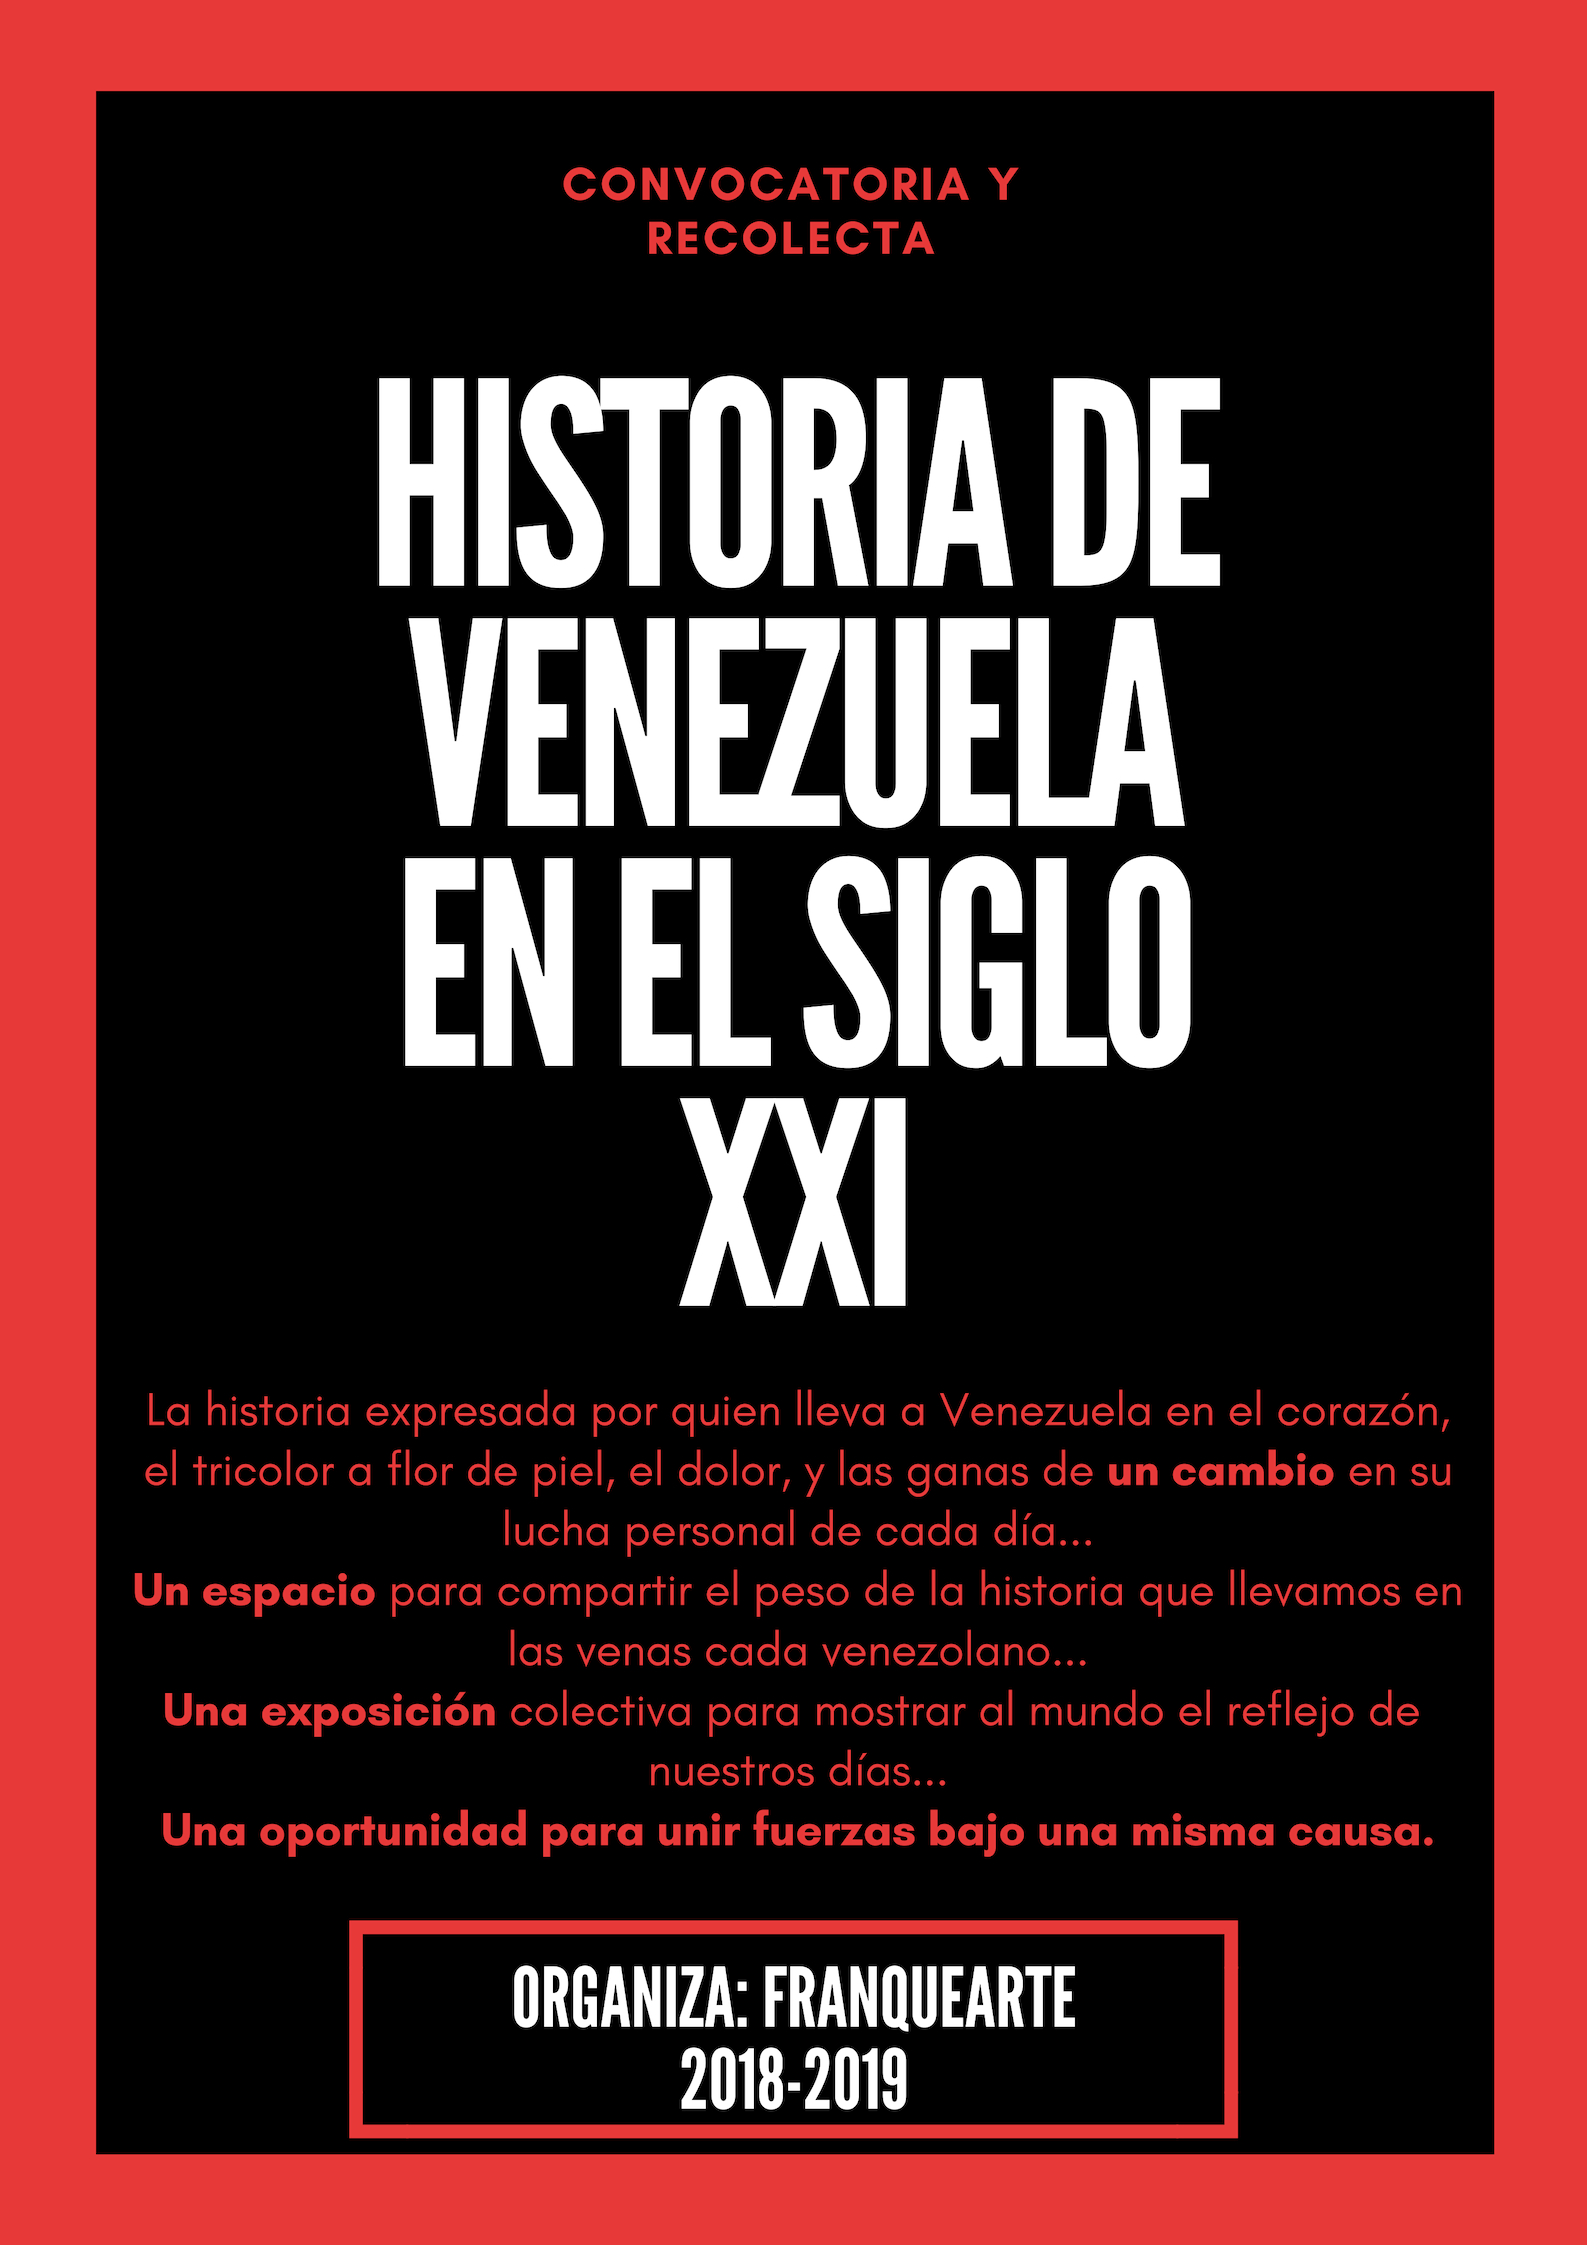 Historia de venezuela en el siglo xxi (1).jpg